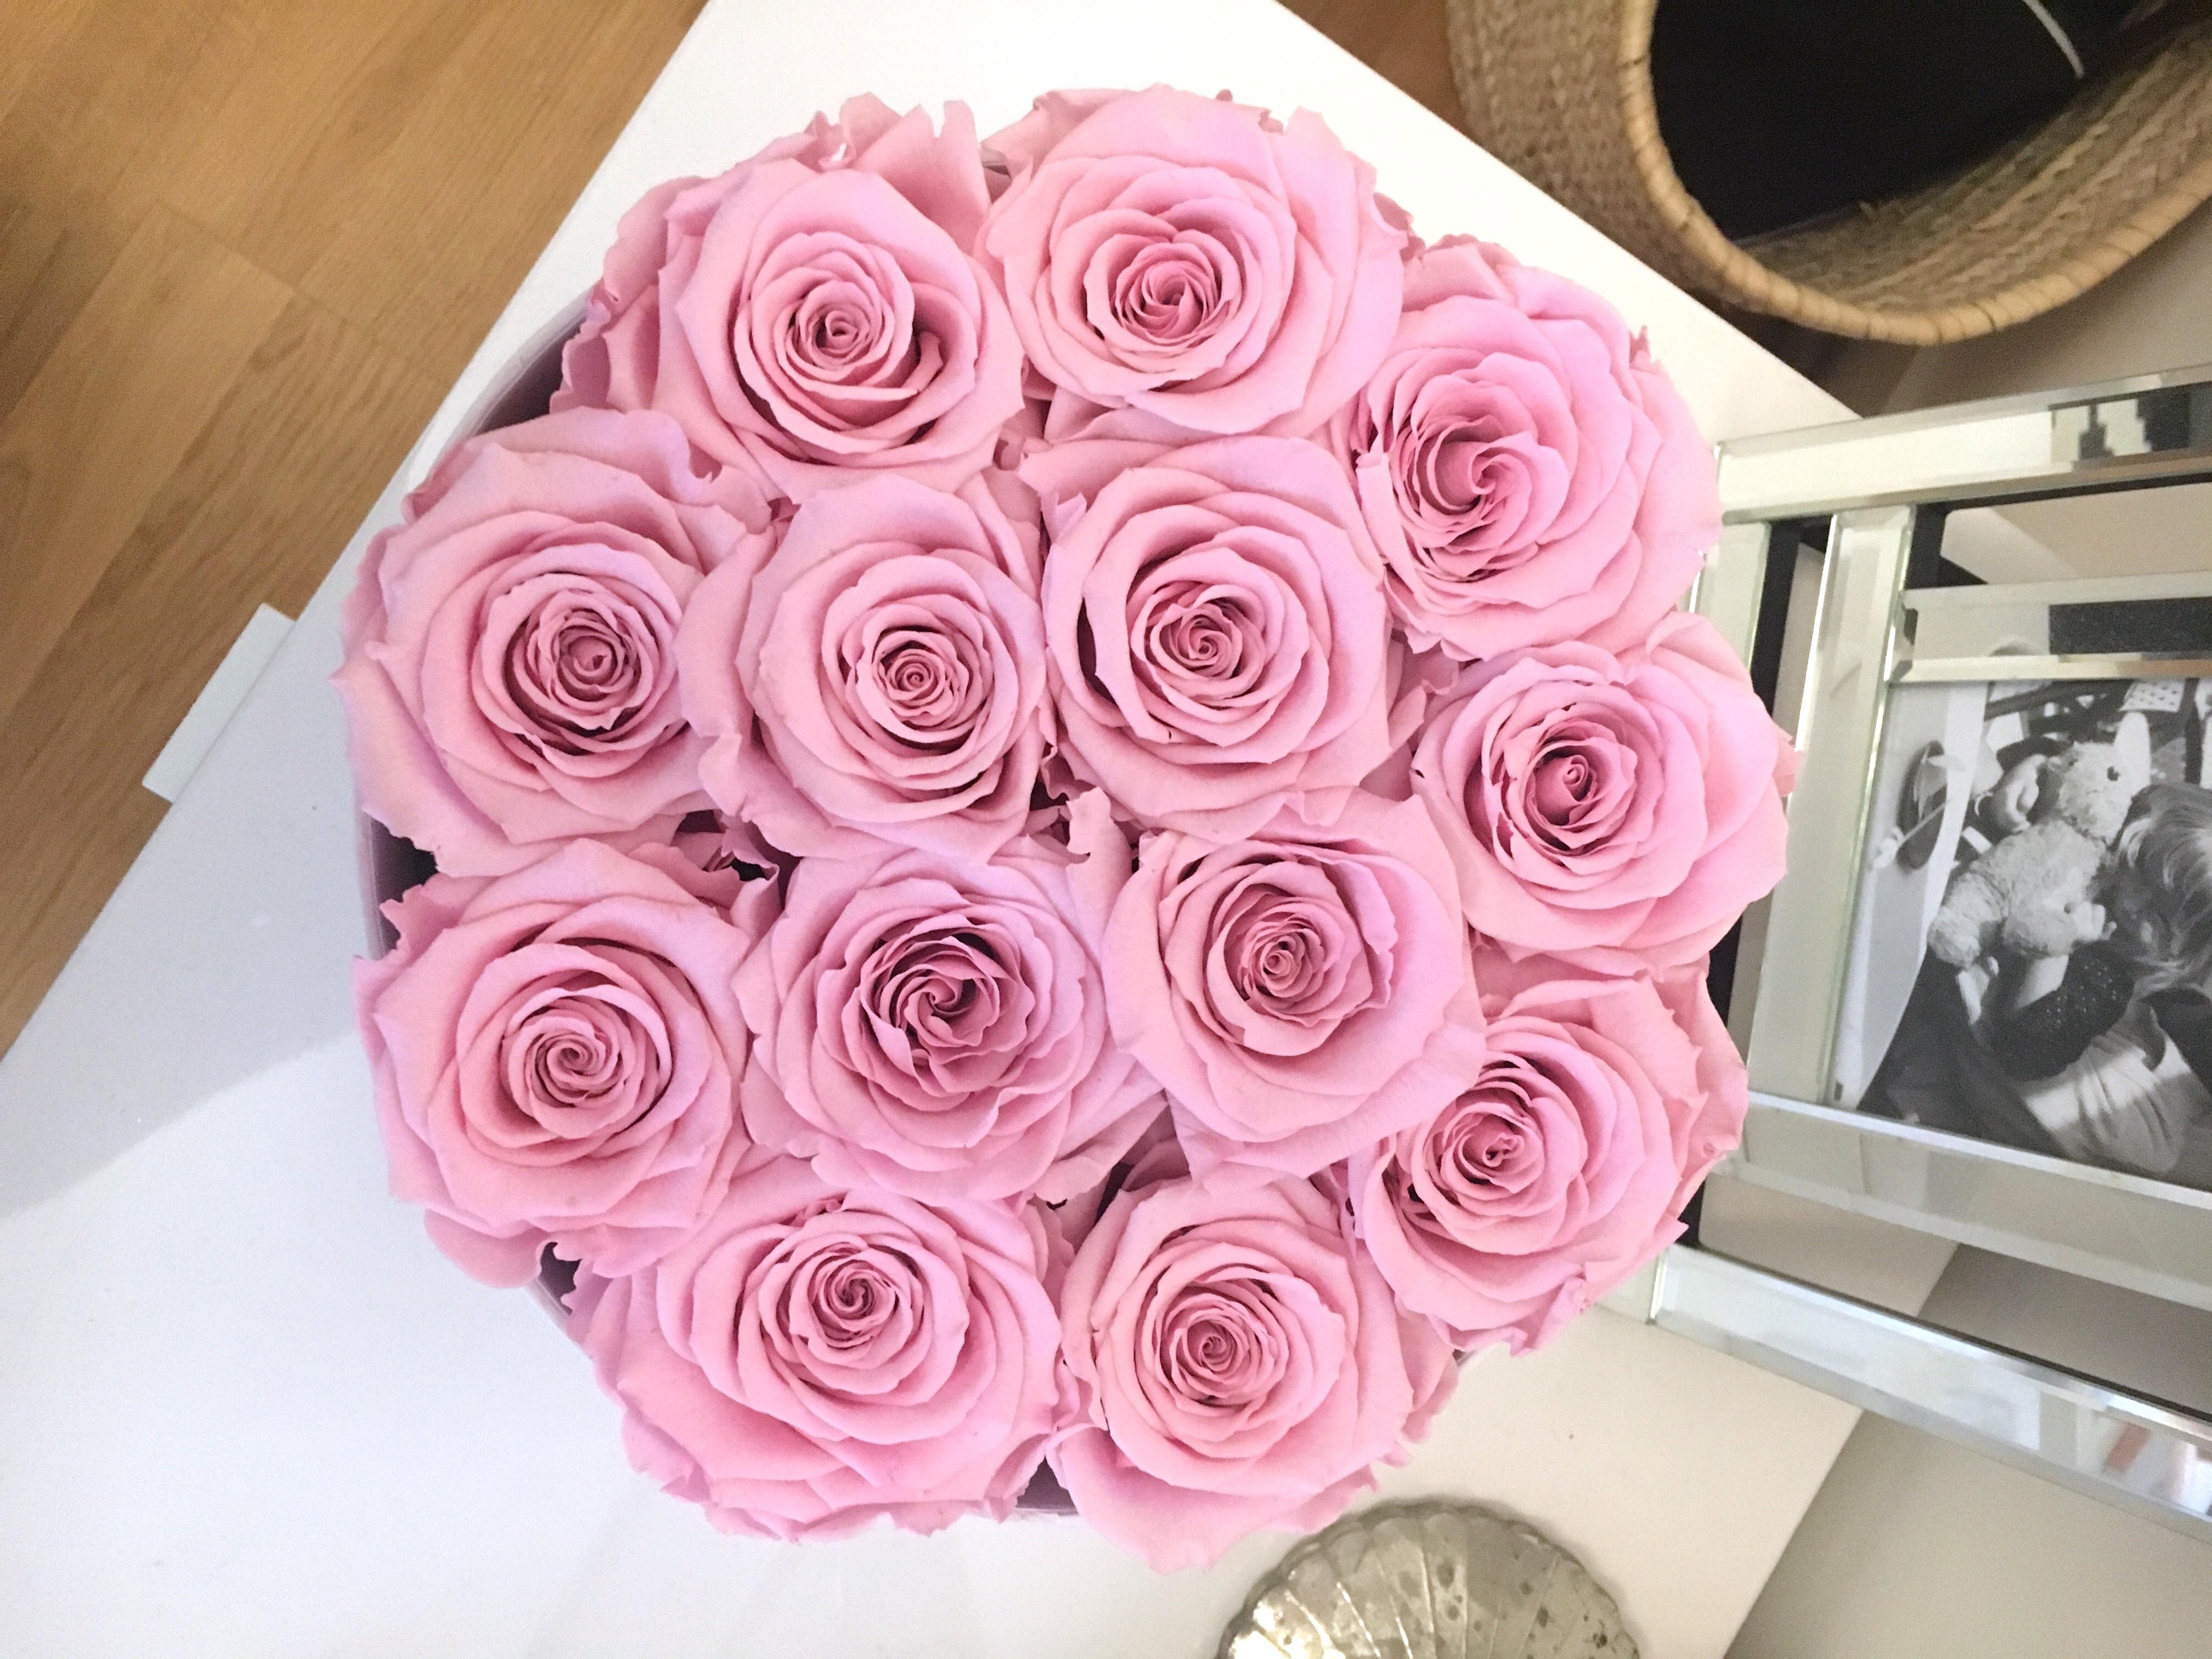 Comparaison De Box De Roses Eternelles Laquelle Choisir Paris